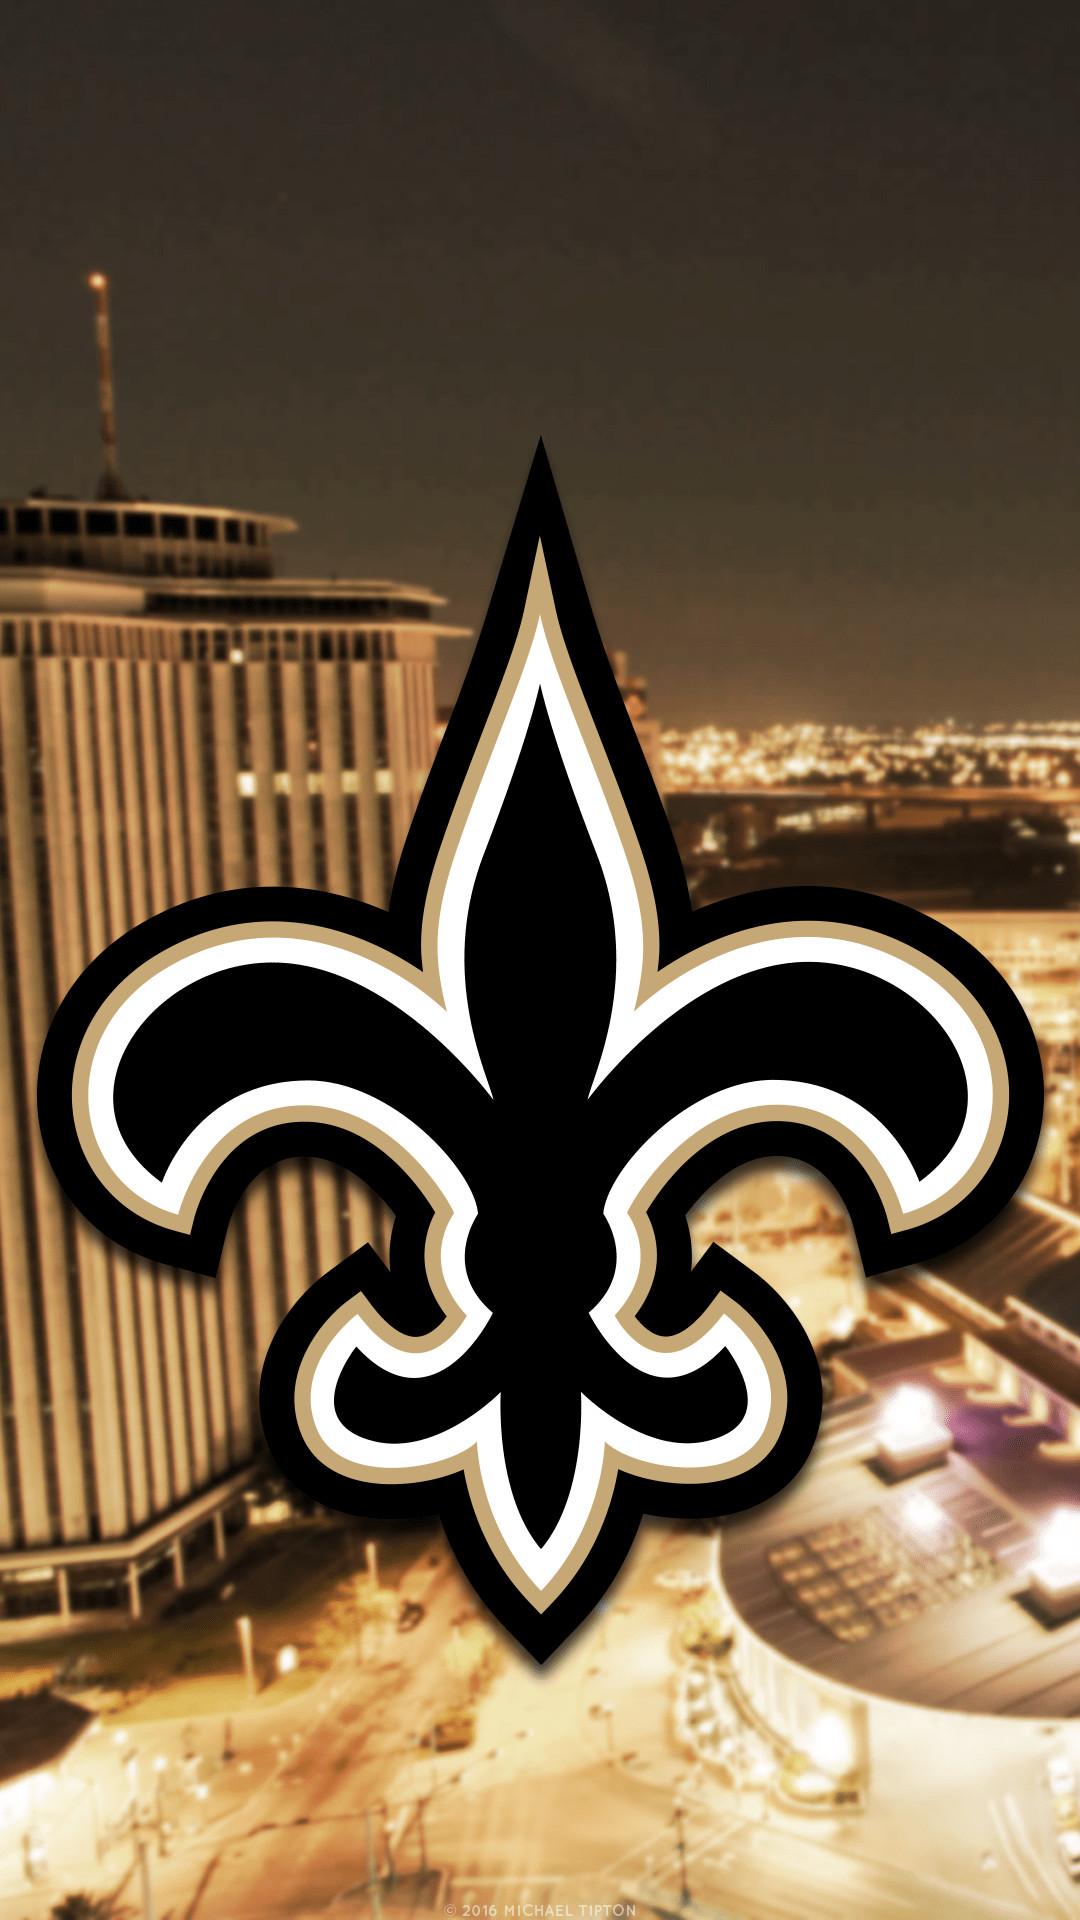 New Orleans Saints Wallpaper HD (73+ images)